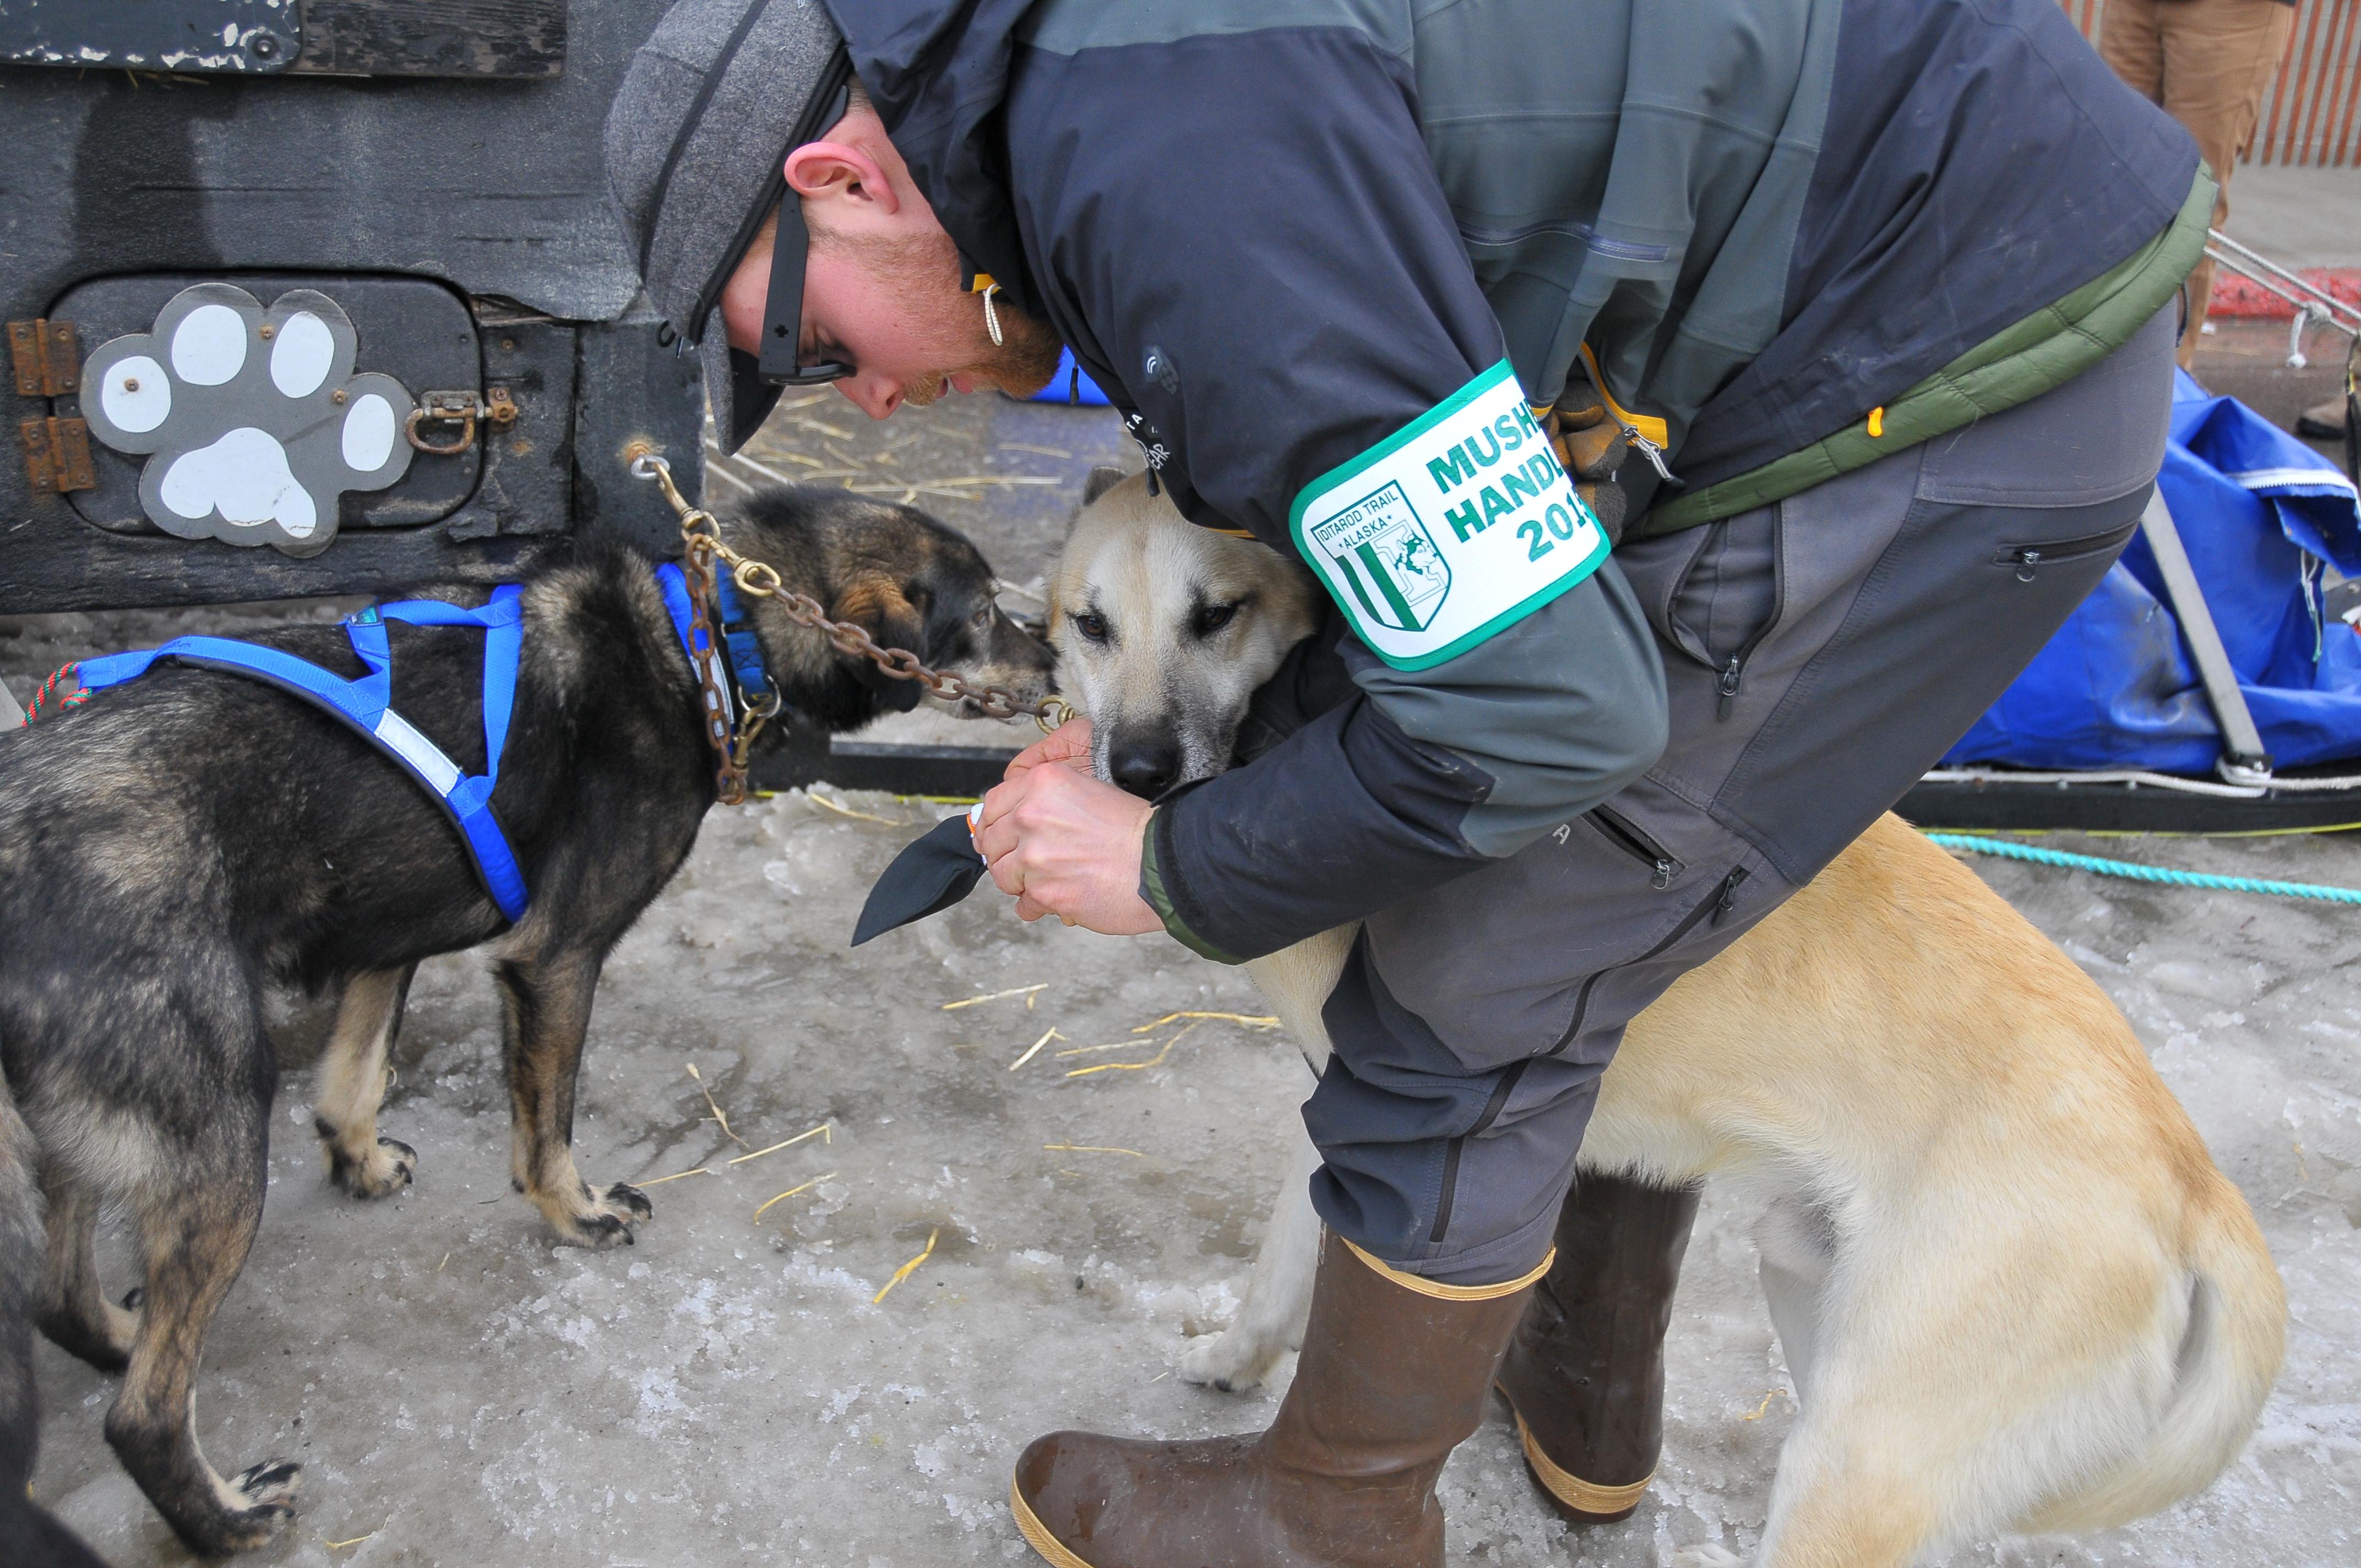 Dog handler bootying a dog before Restart in Fairbanks